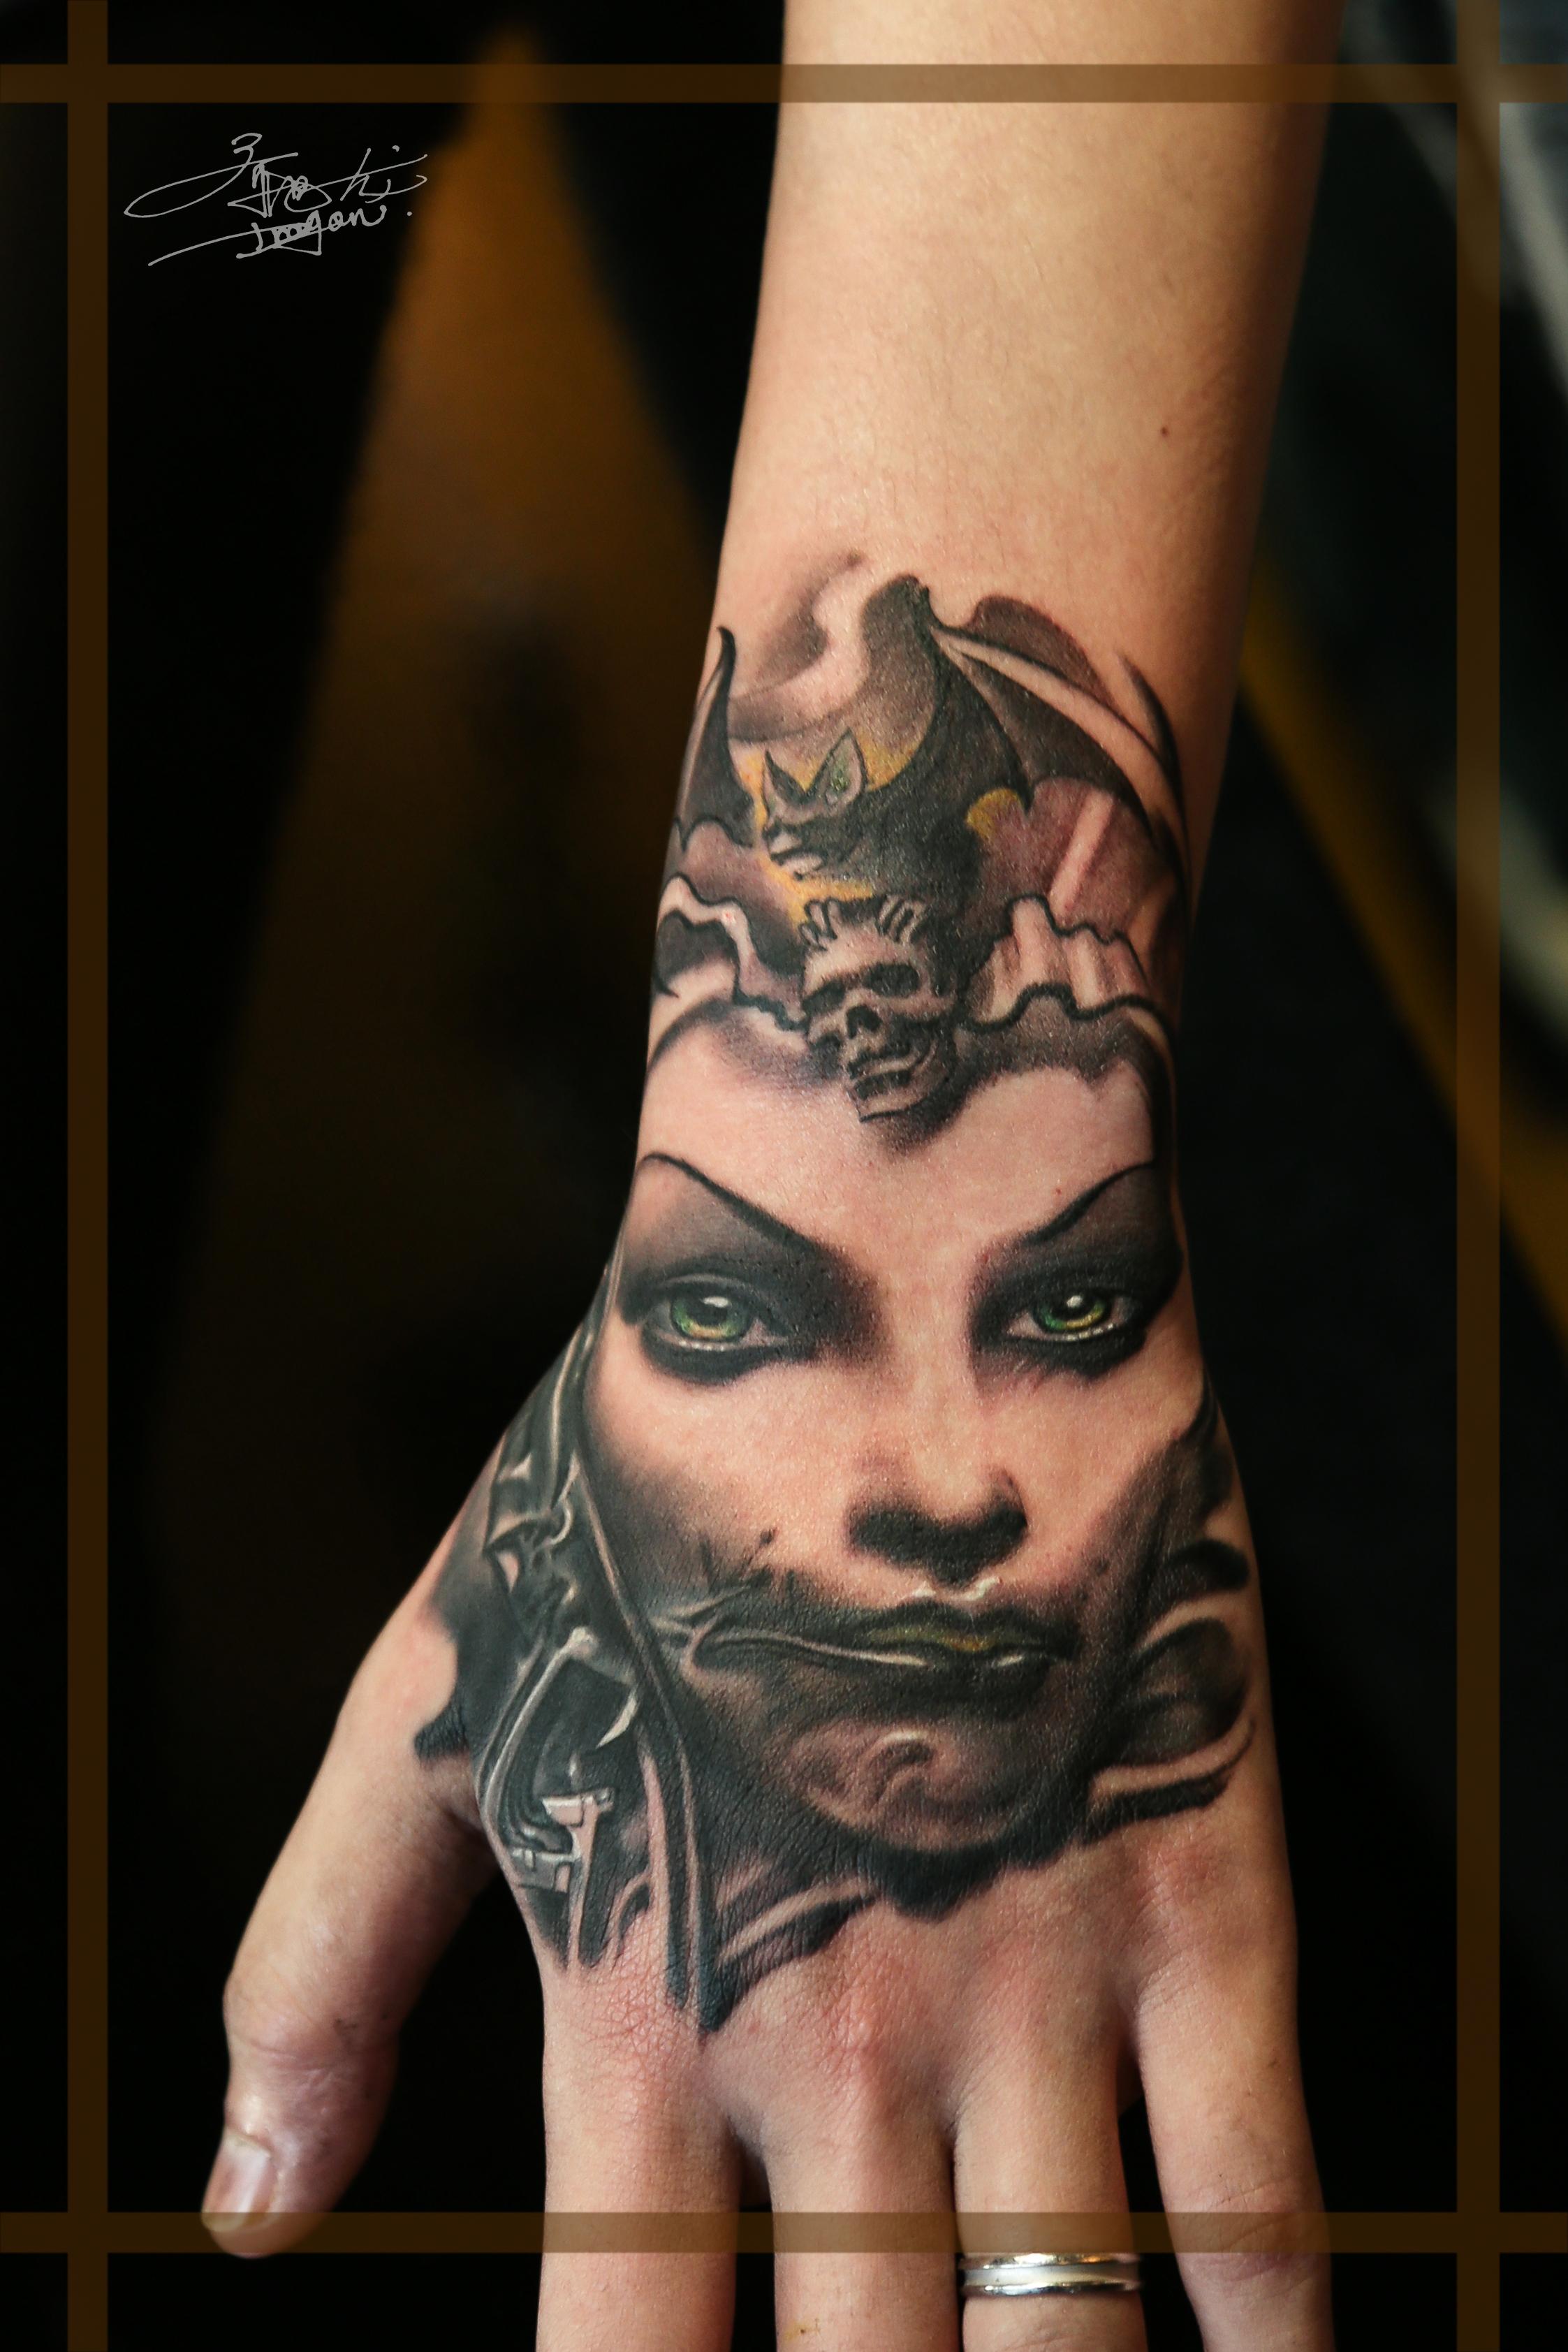 手部人物肖像纹身遮盖